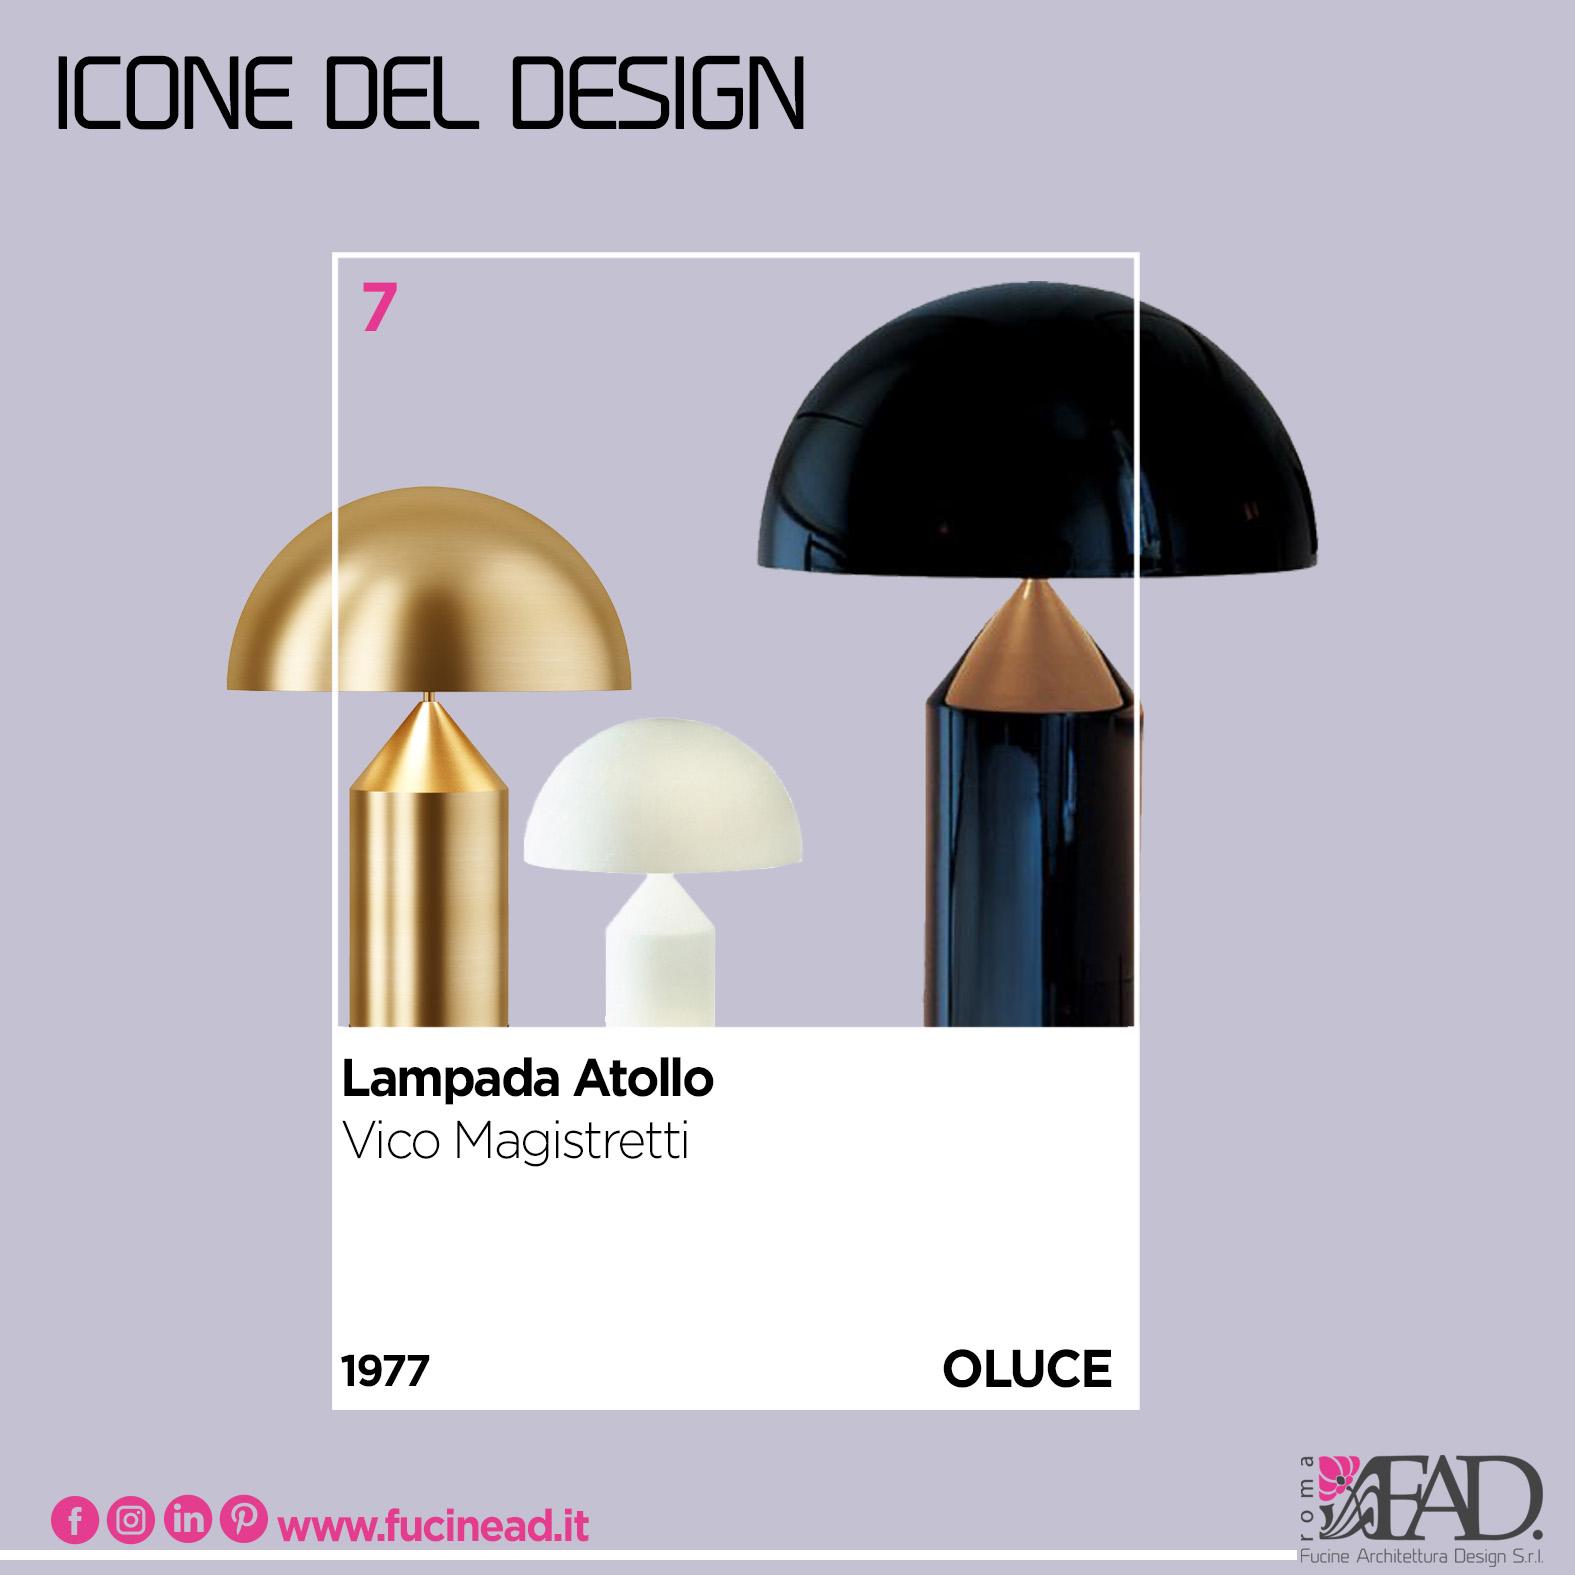 le icone del design - lampada atollo